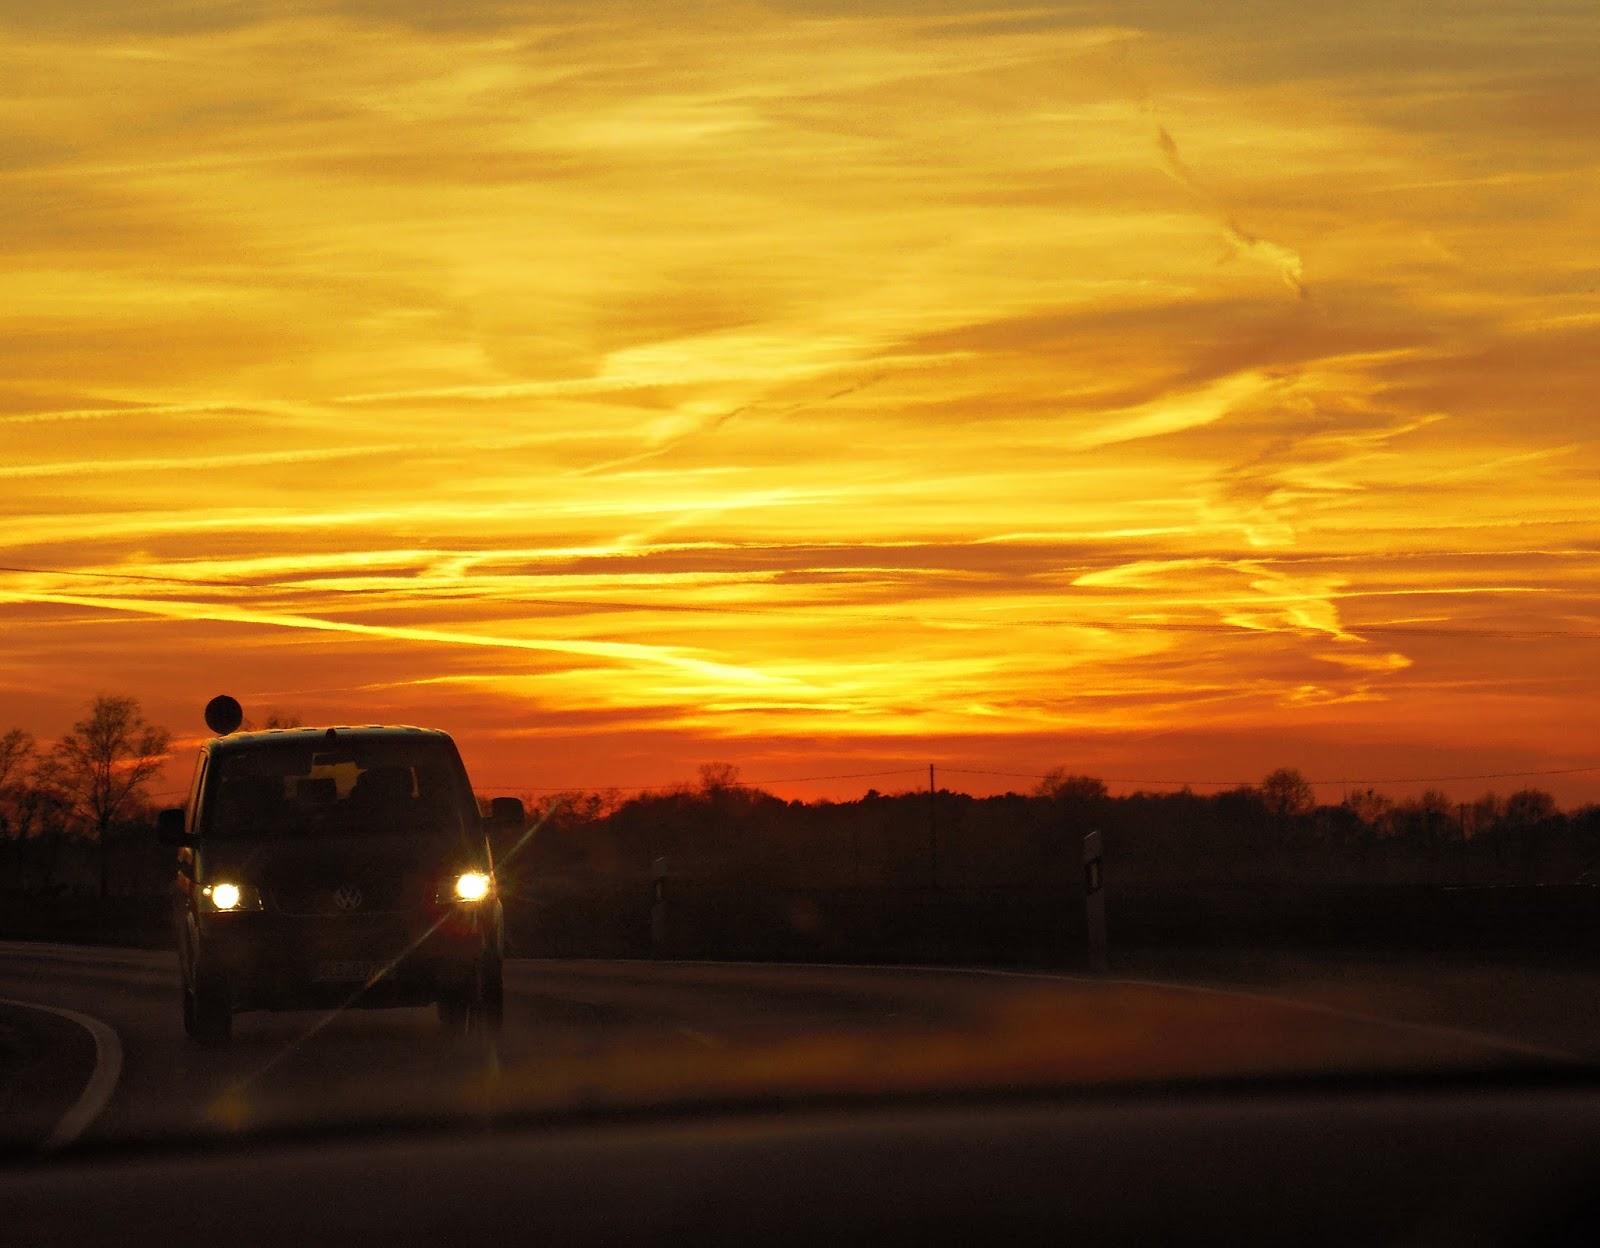 Nadrenia Północna-Westfalia, Borken, Niemcy, zachód słońca, zachód słońca w Niemczech, w drodze